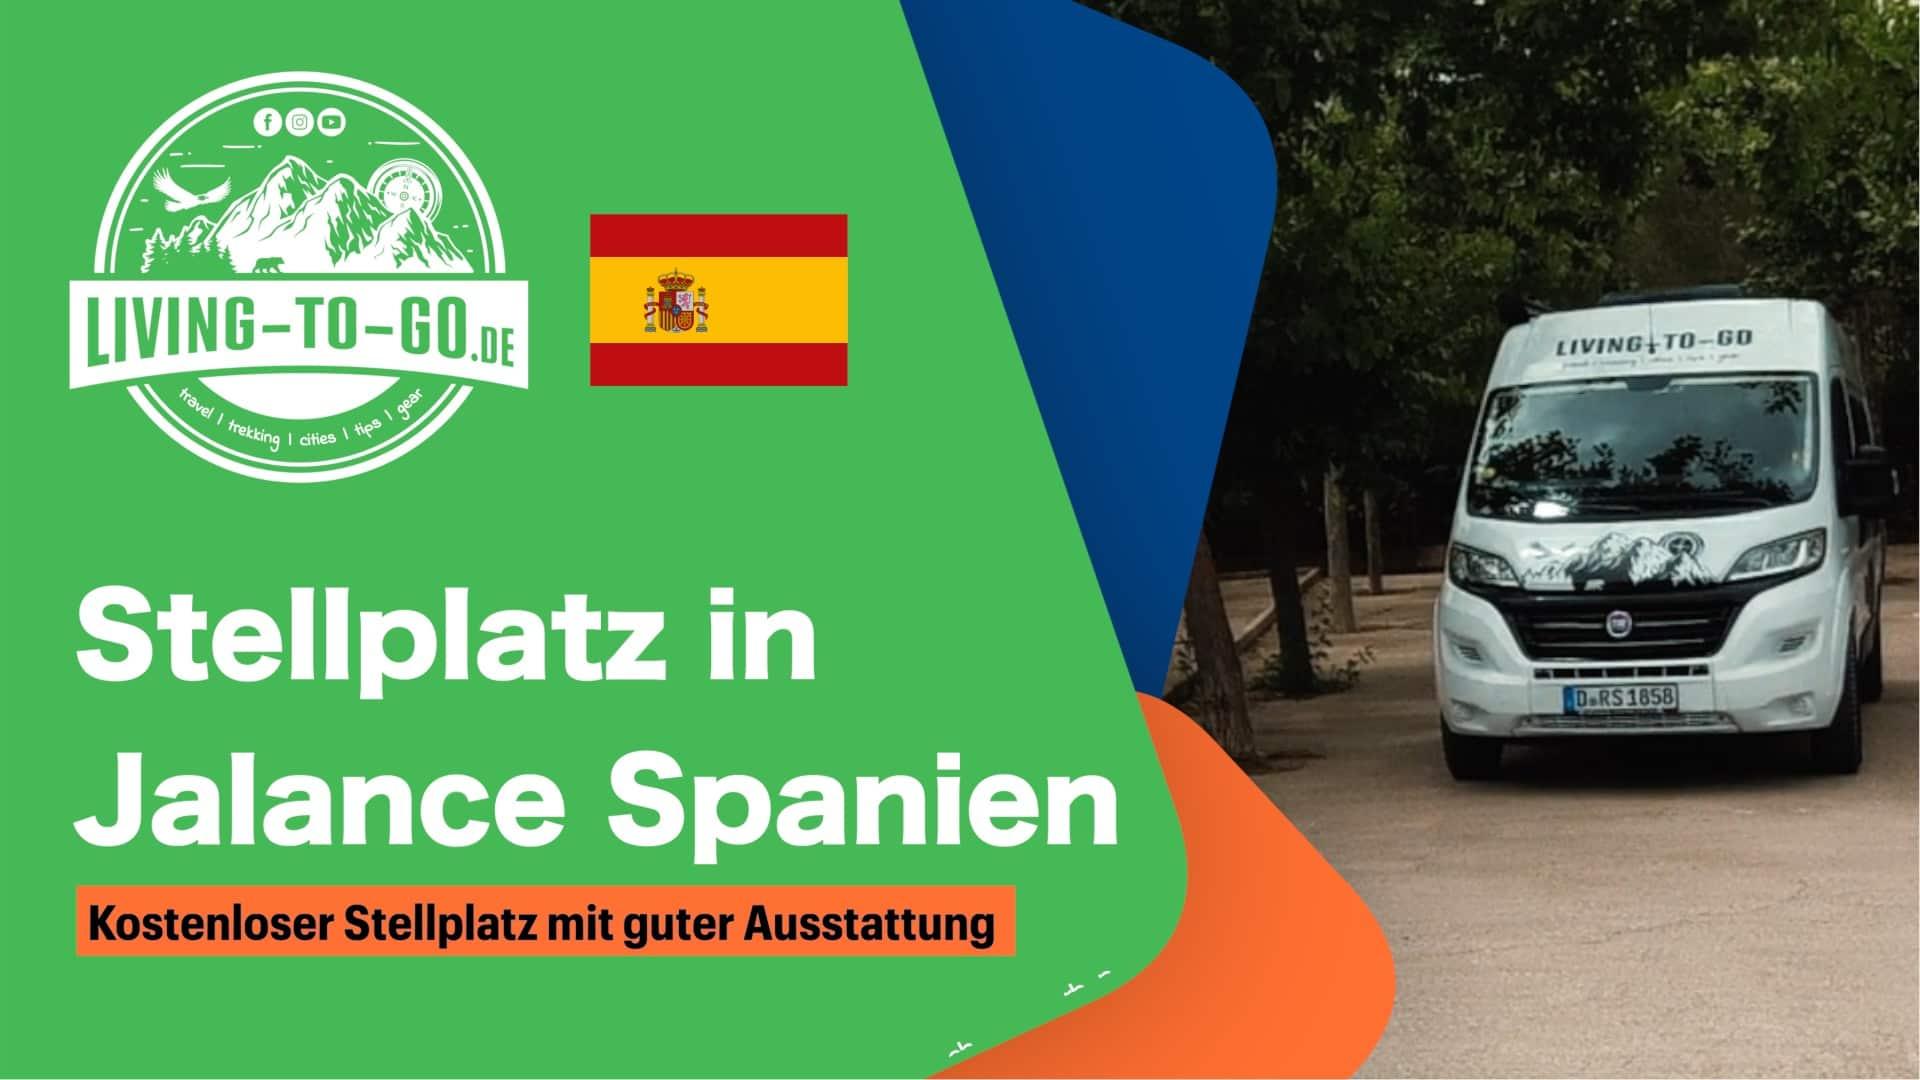 Wohnmobilstellplatz Jalance Spanien